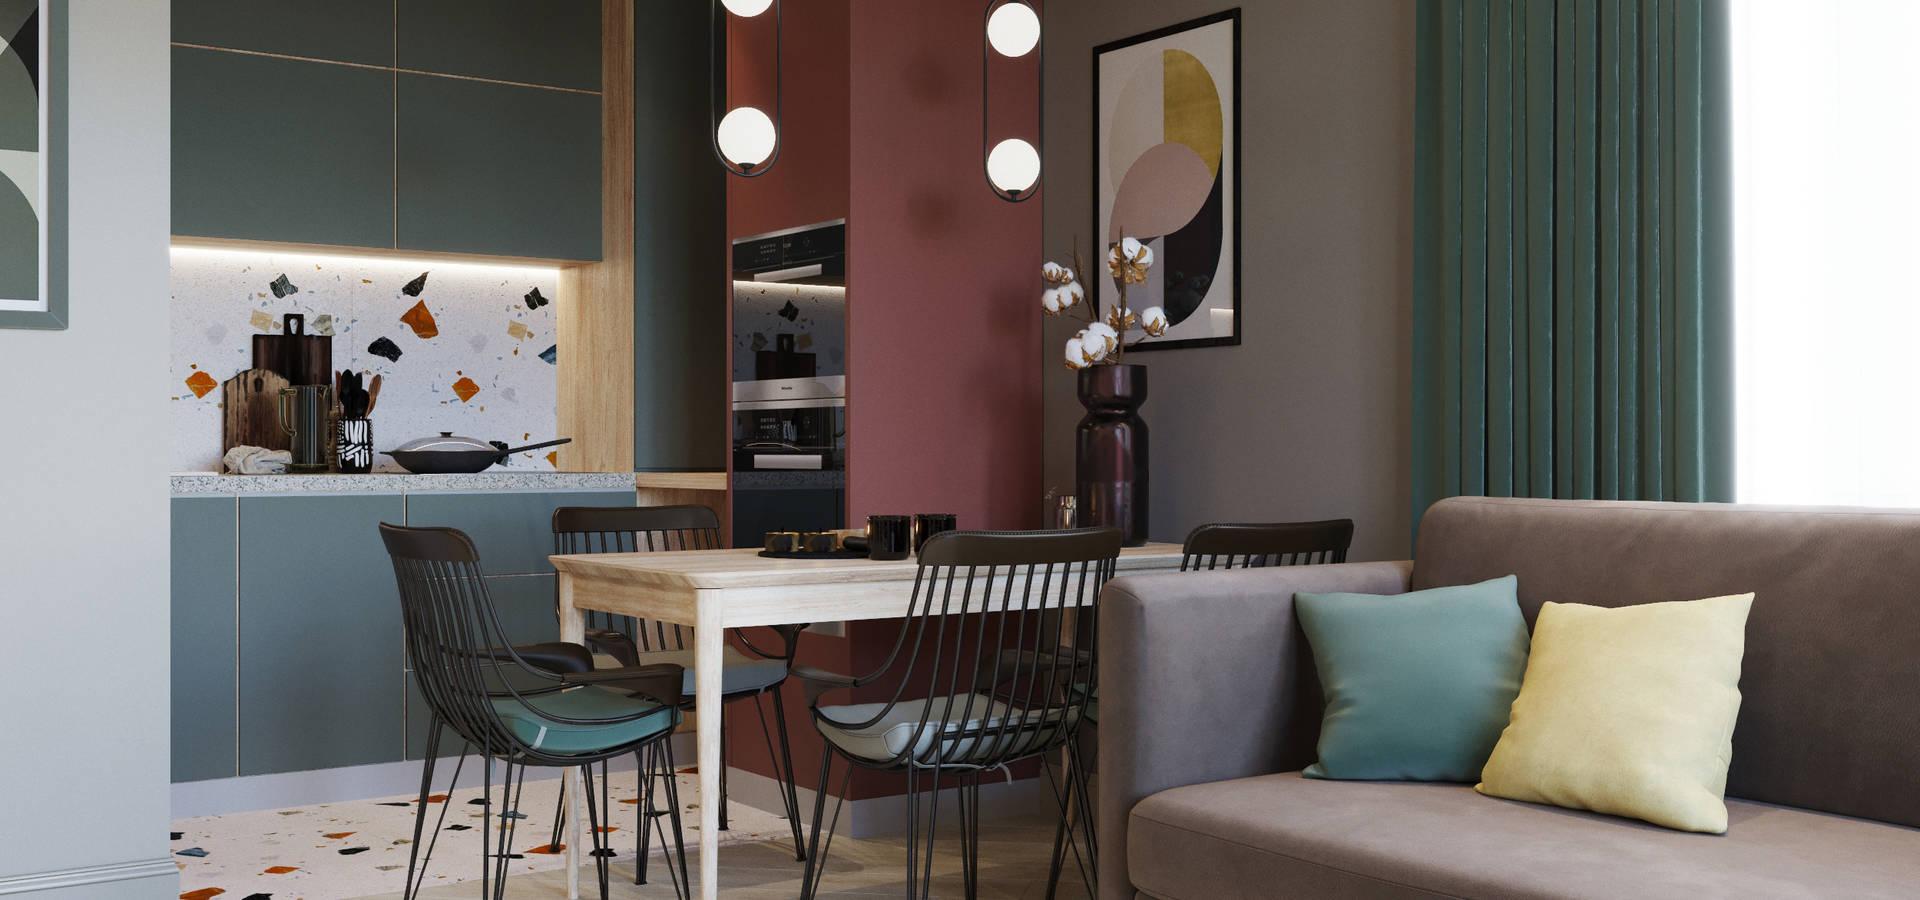 SAPAROVA design interior